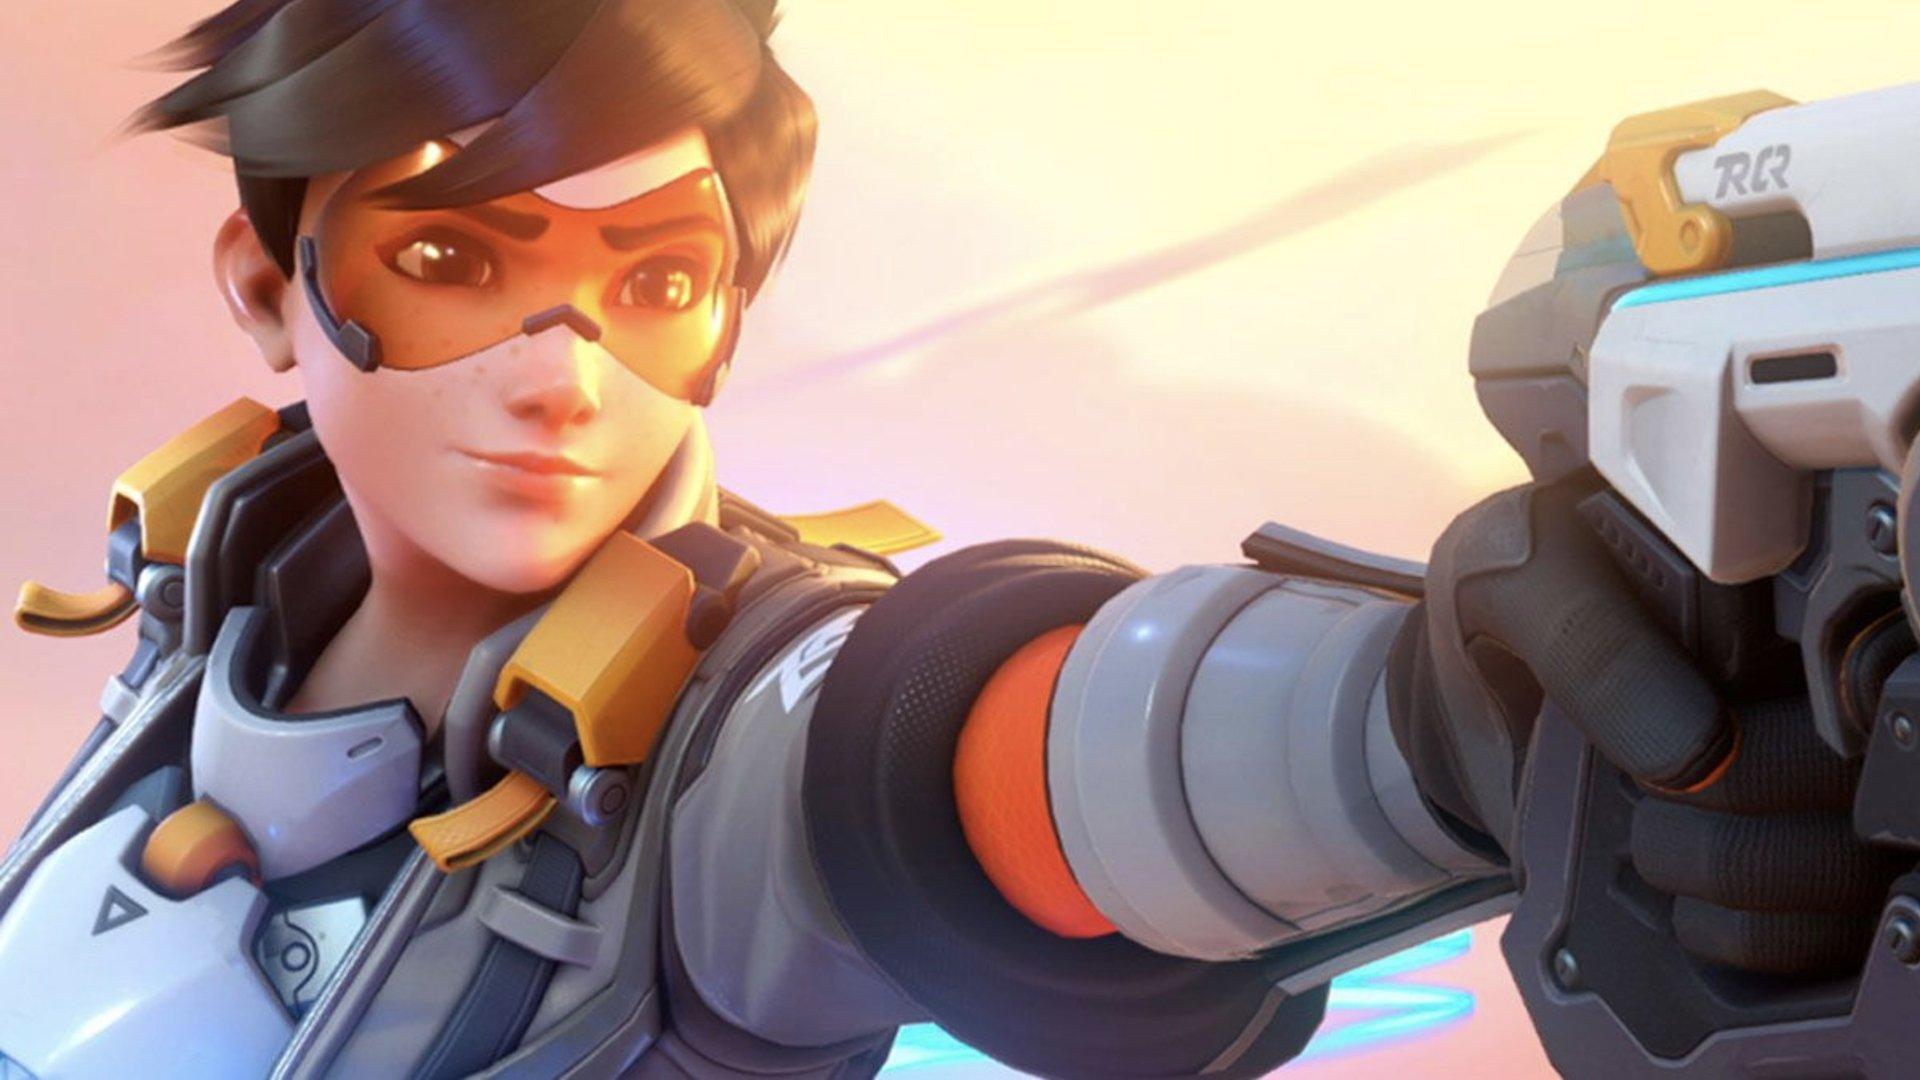 O diretor de Overwatch 2 confirma que a Blizzard está pensando em adicionar um recurso popular do Apex Legends da EA Games.